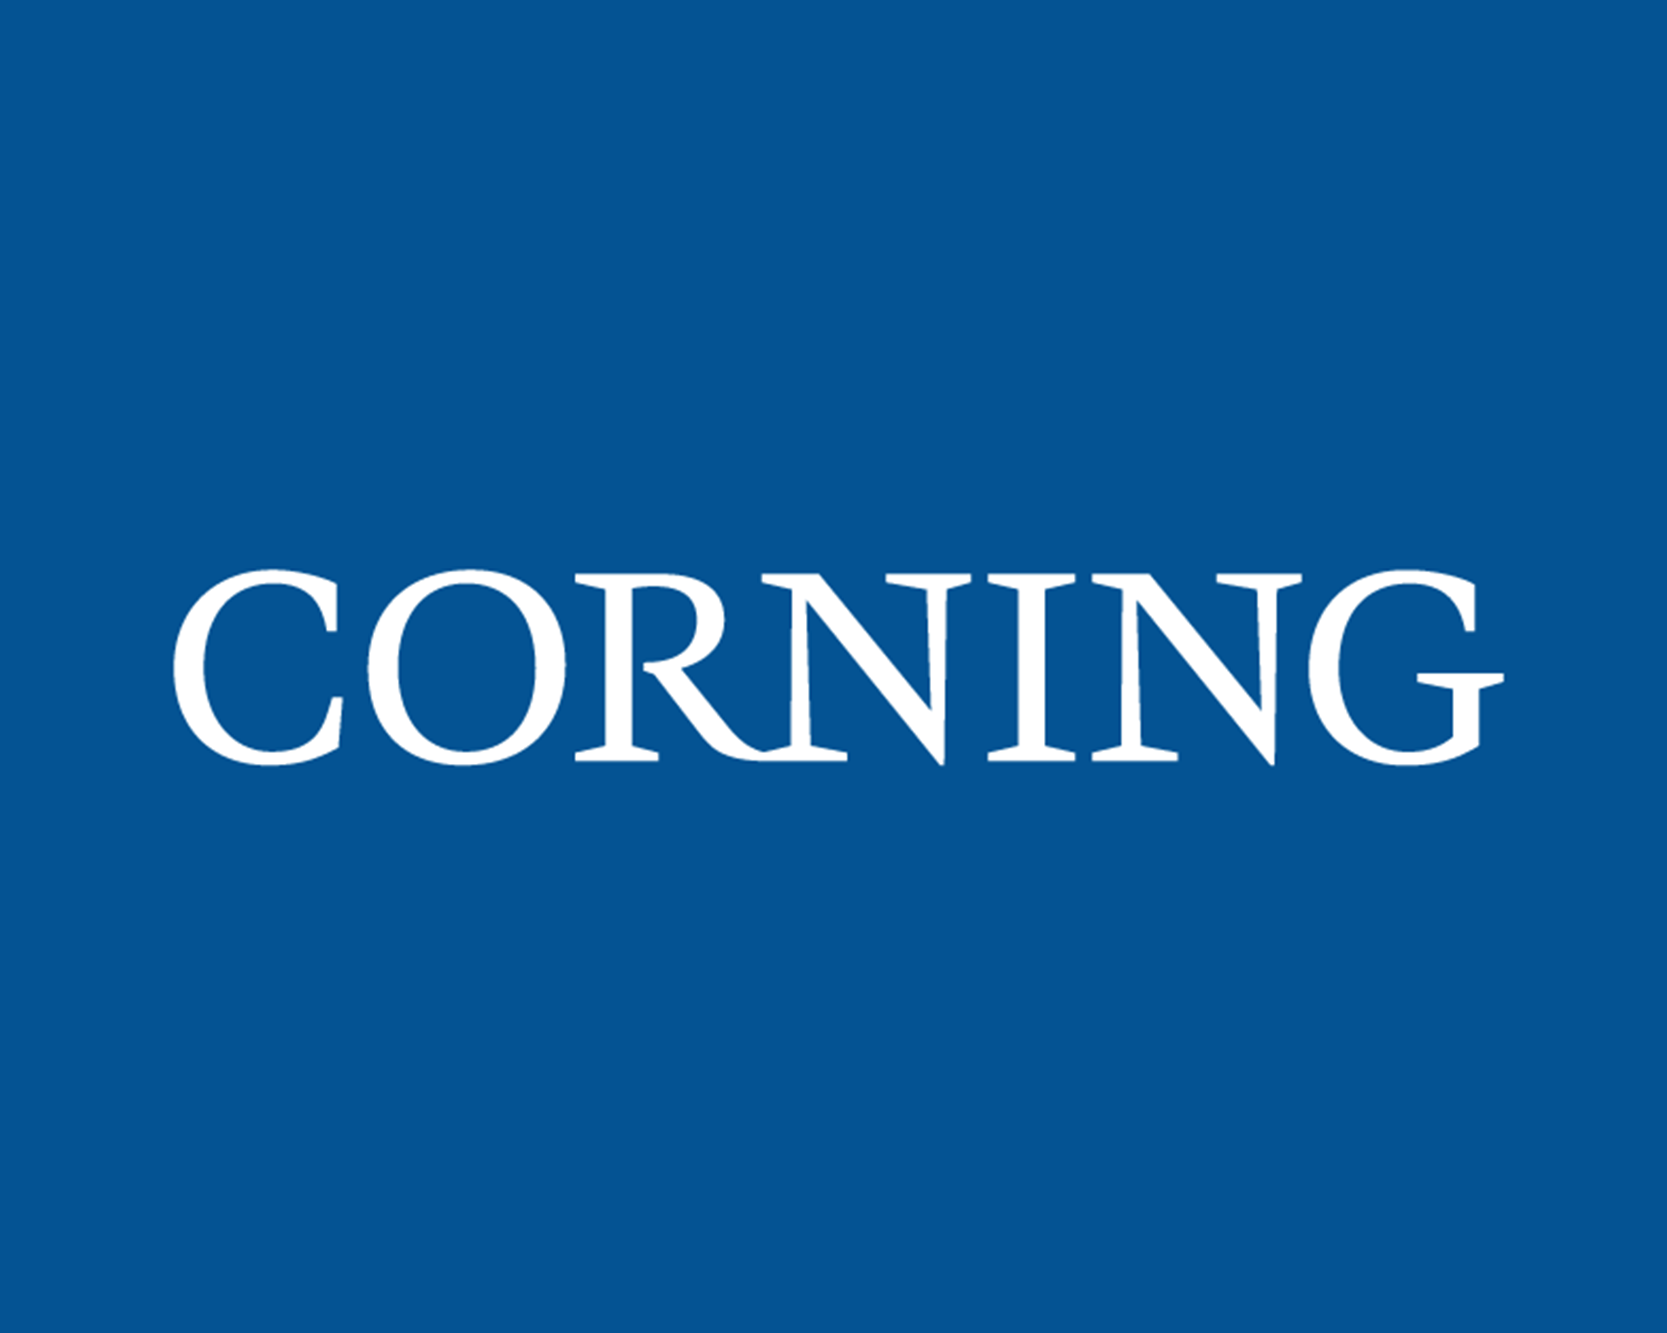 Corning, Inc.